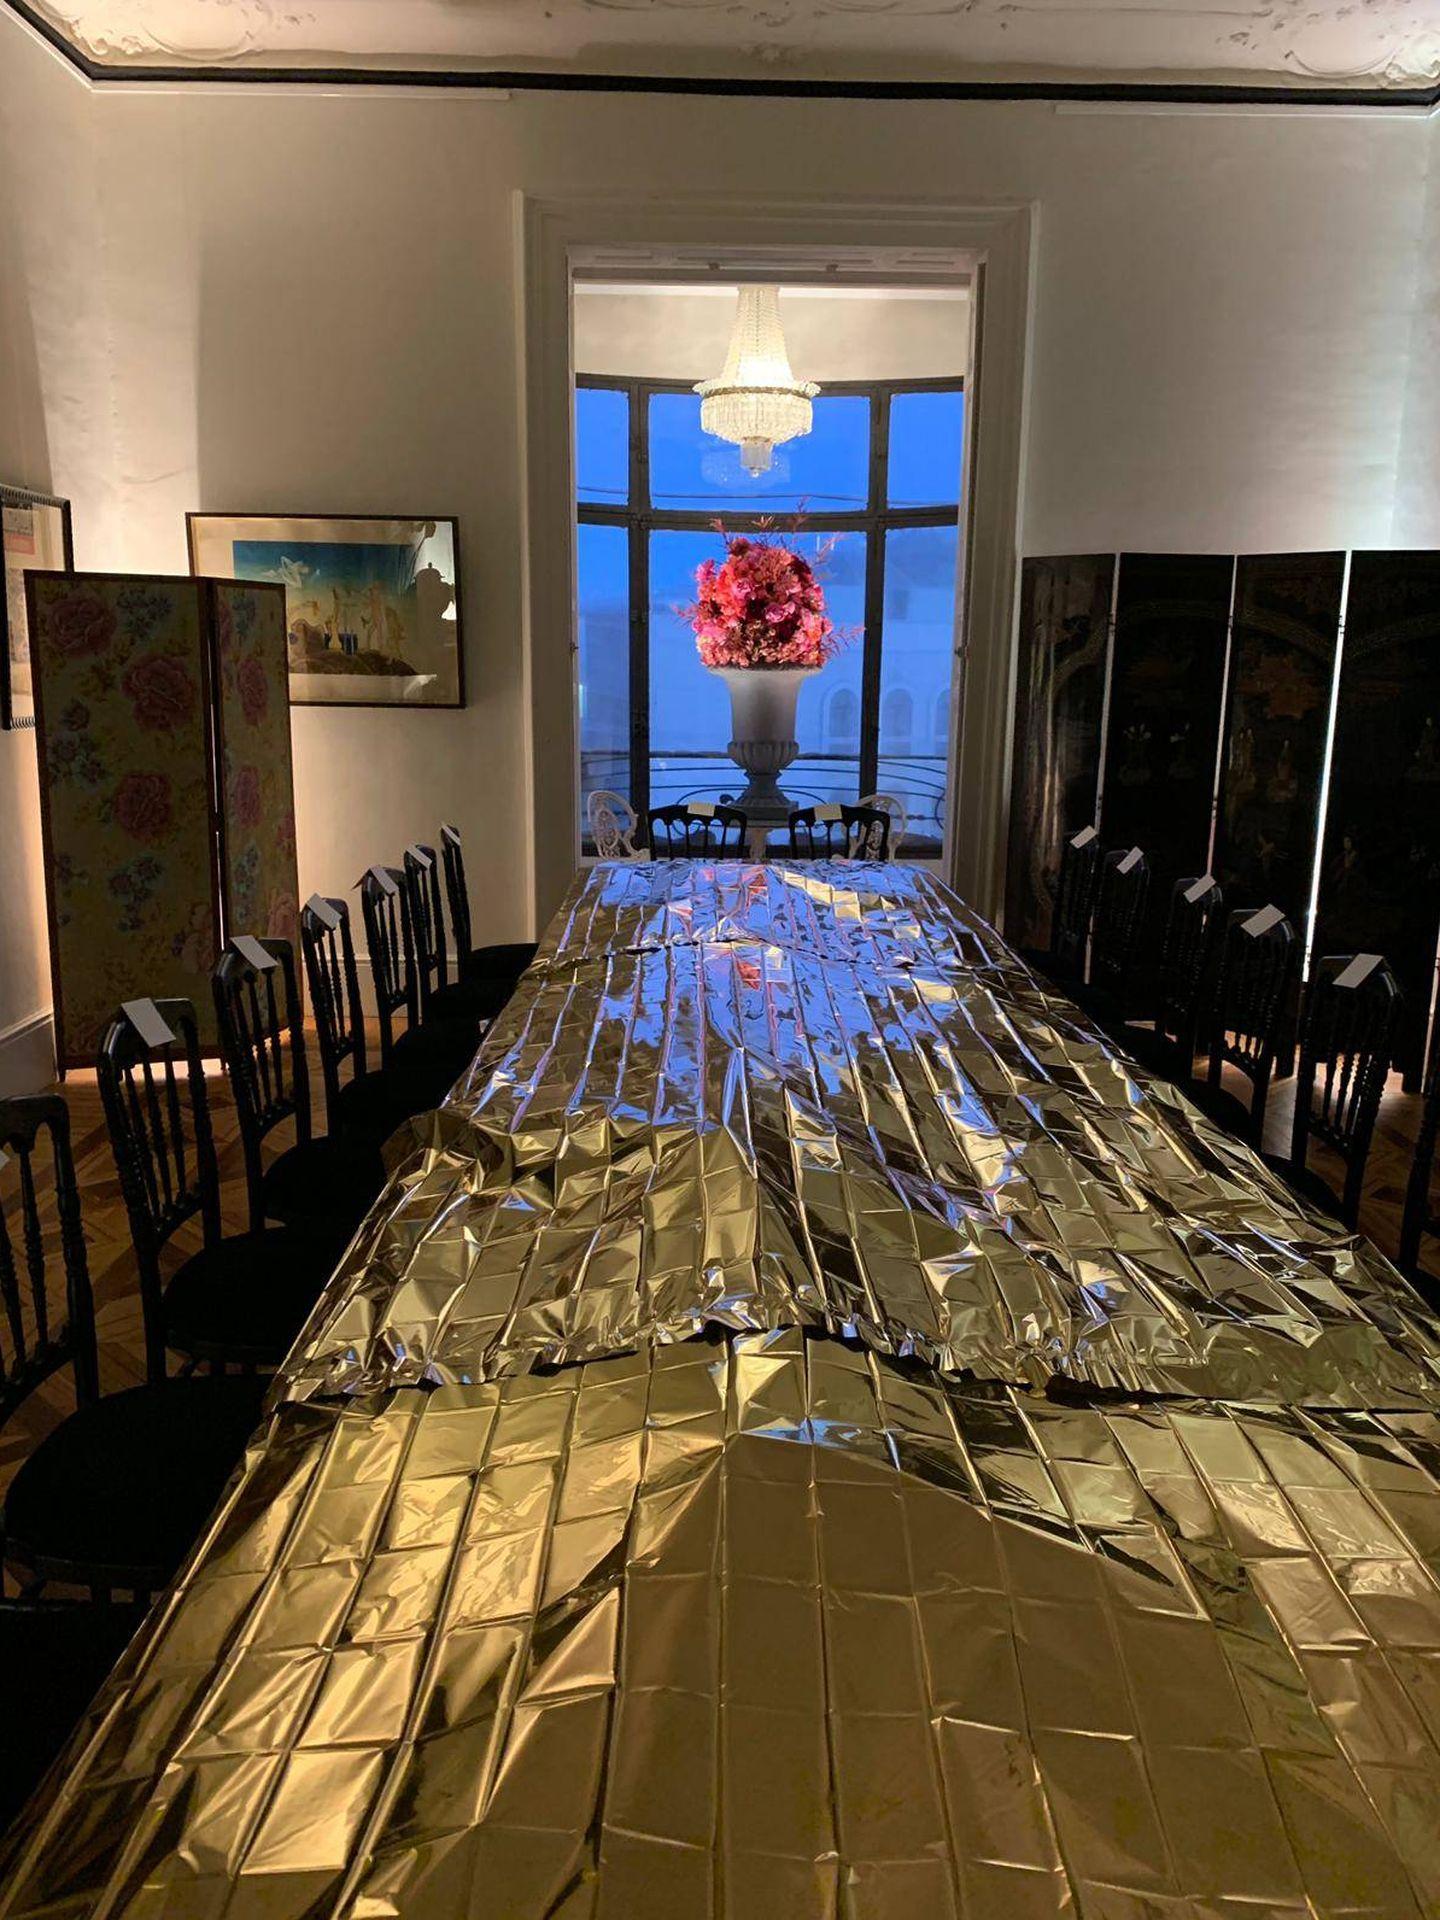 La mesa antes de llegar los invitados. (Vanitatis)